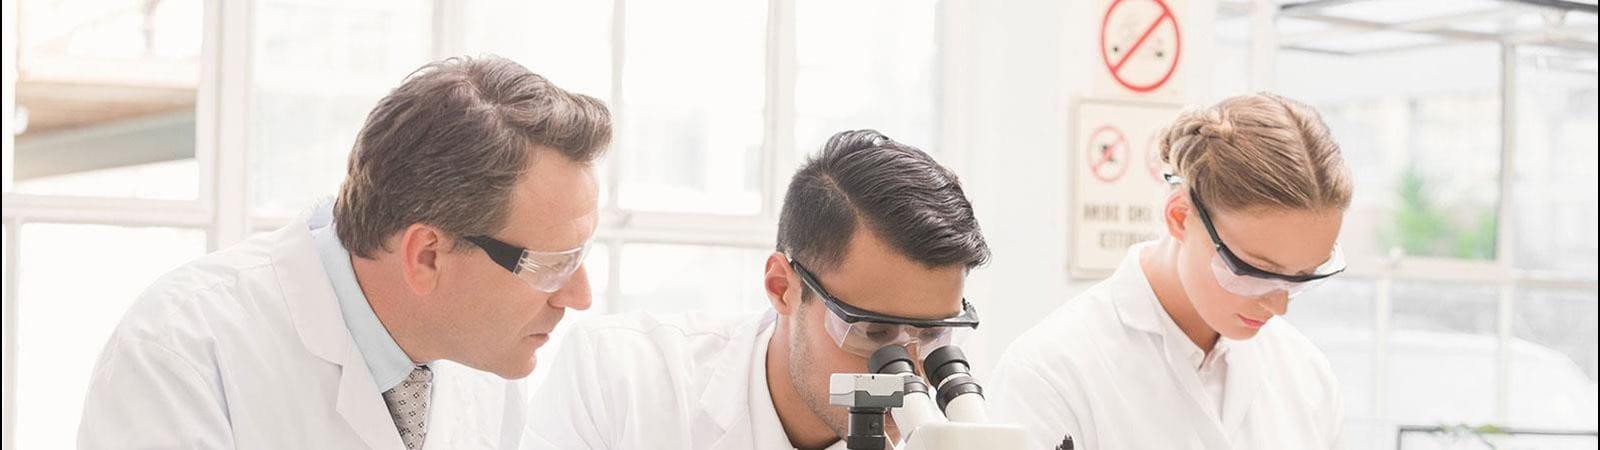 Három kutató